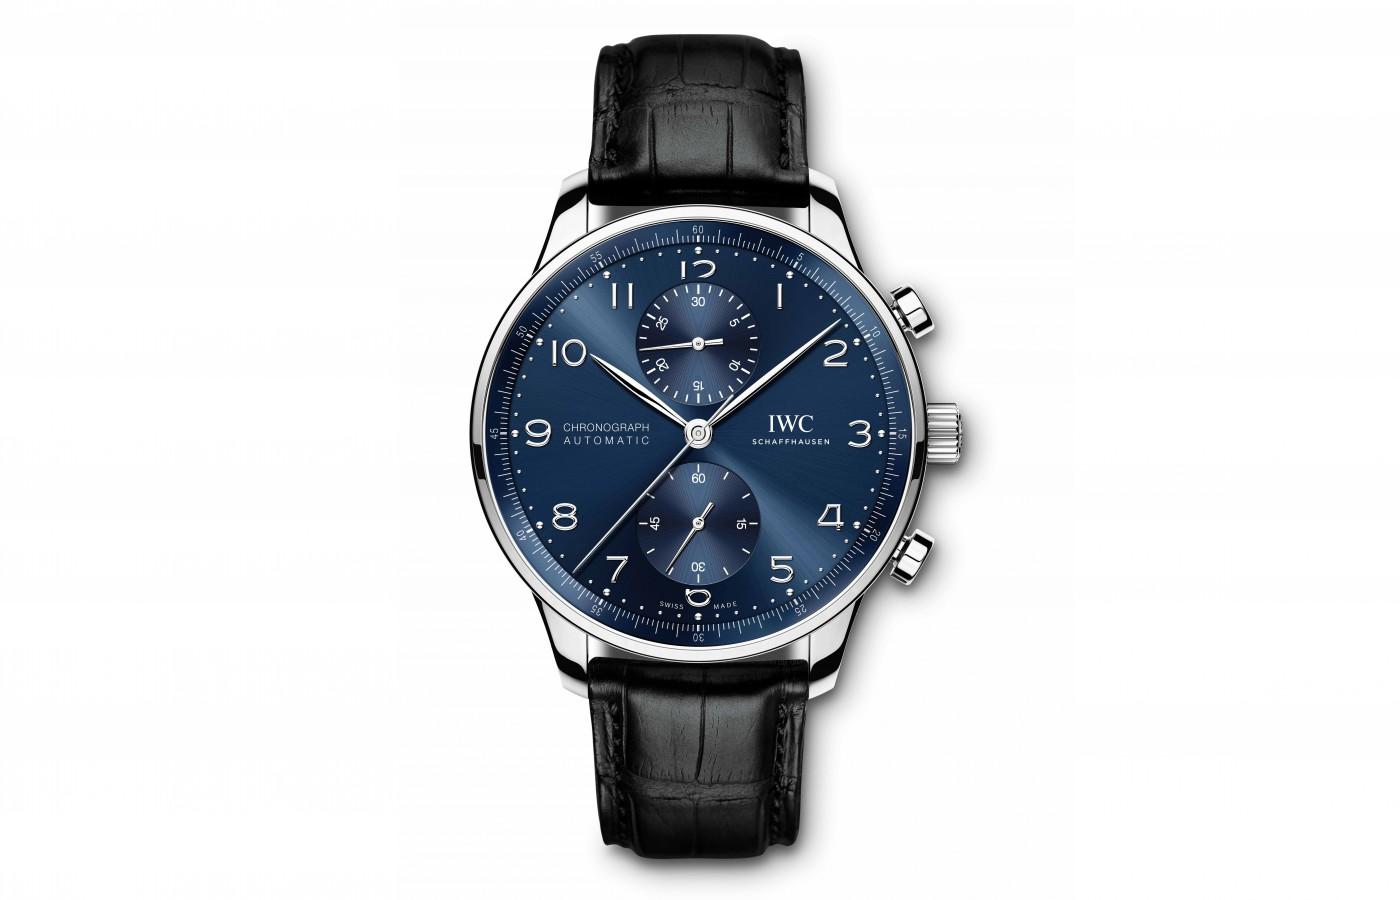 科普一下萬國海洋男士手表,網上哪里可以買到防表?圖片